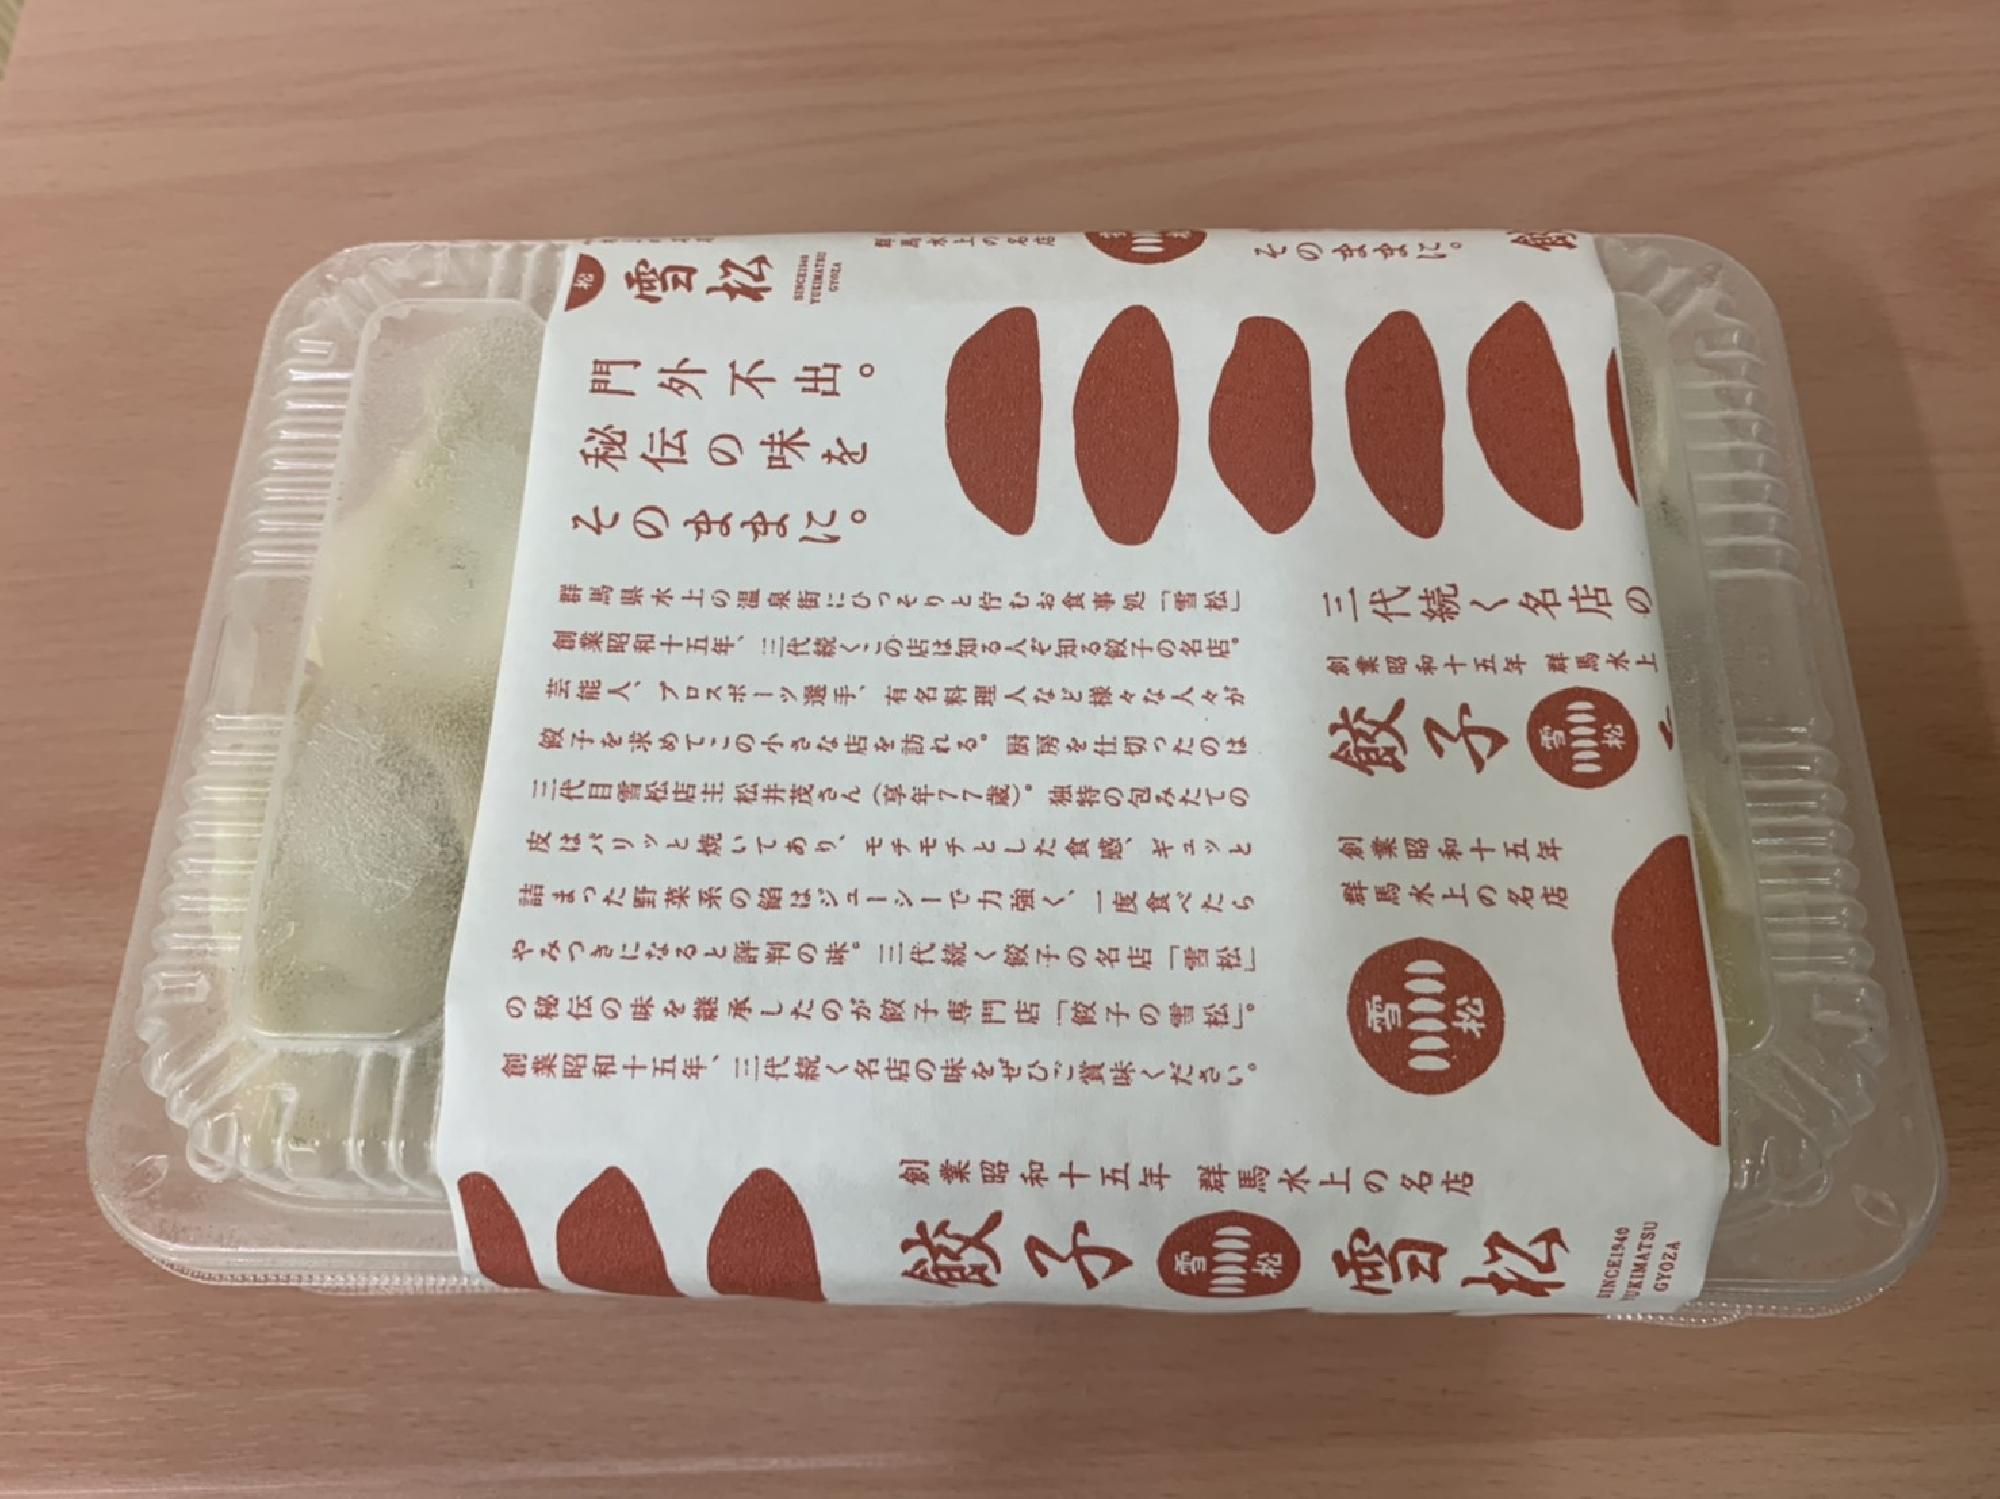 餃子無人販売 餃子の雪松枚方店_画像_5